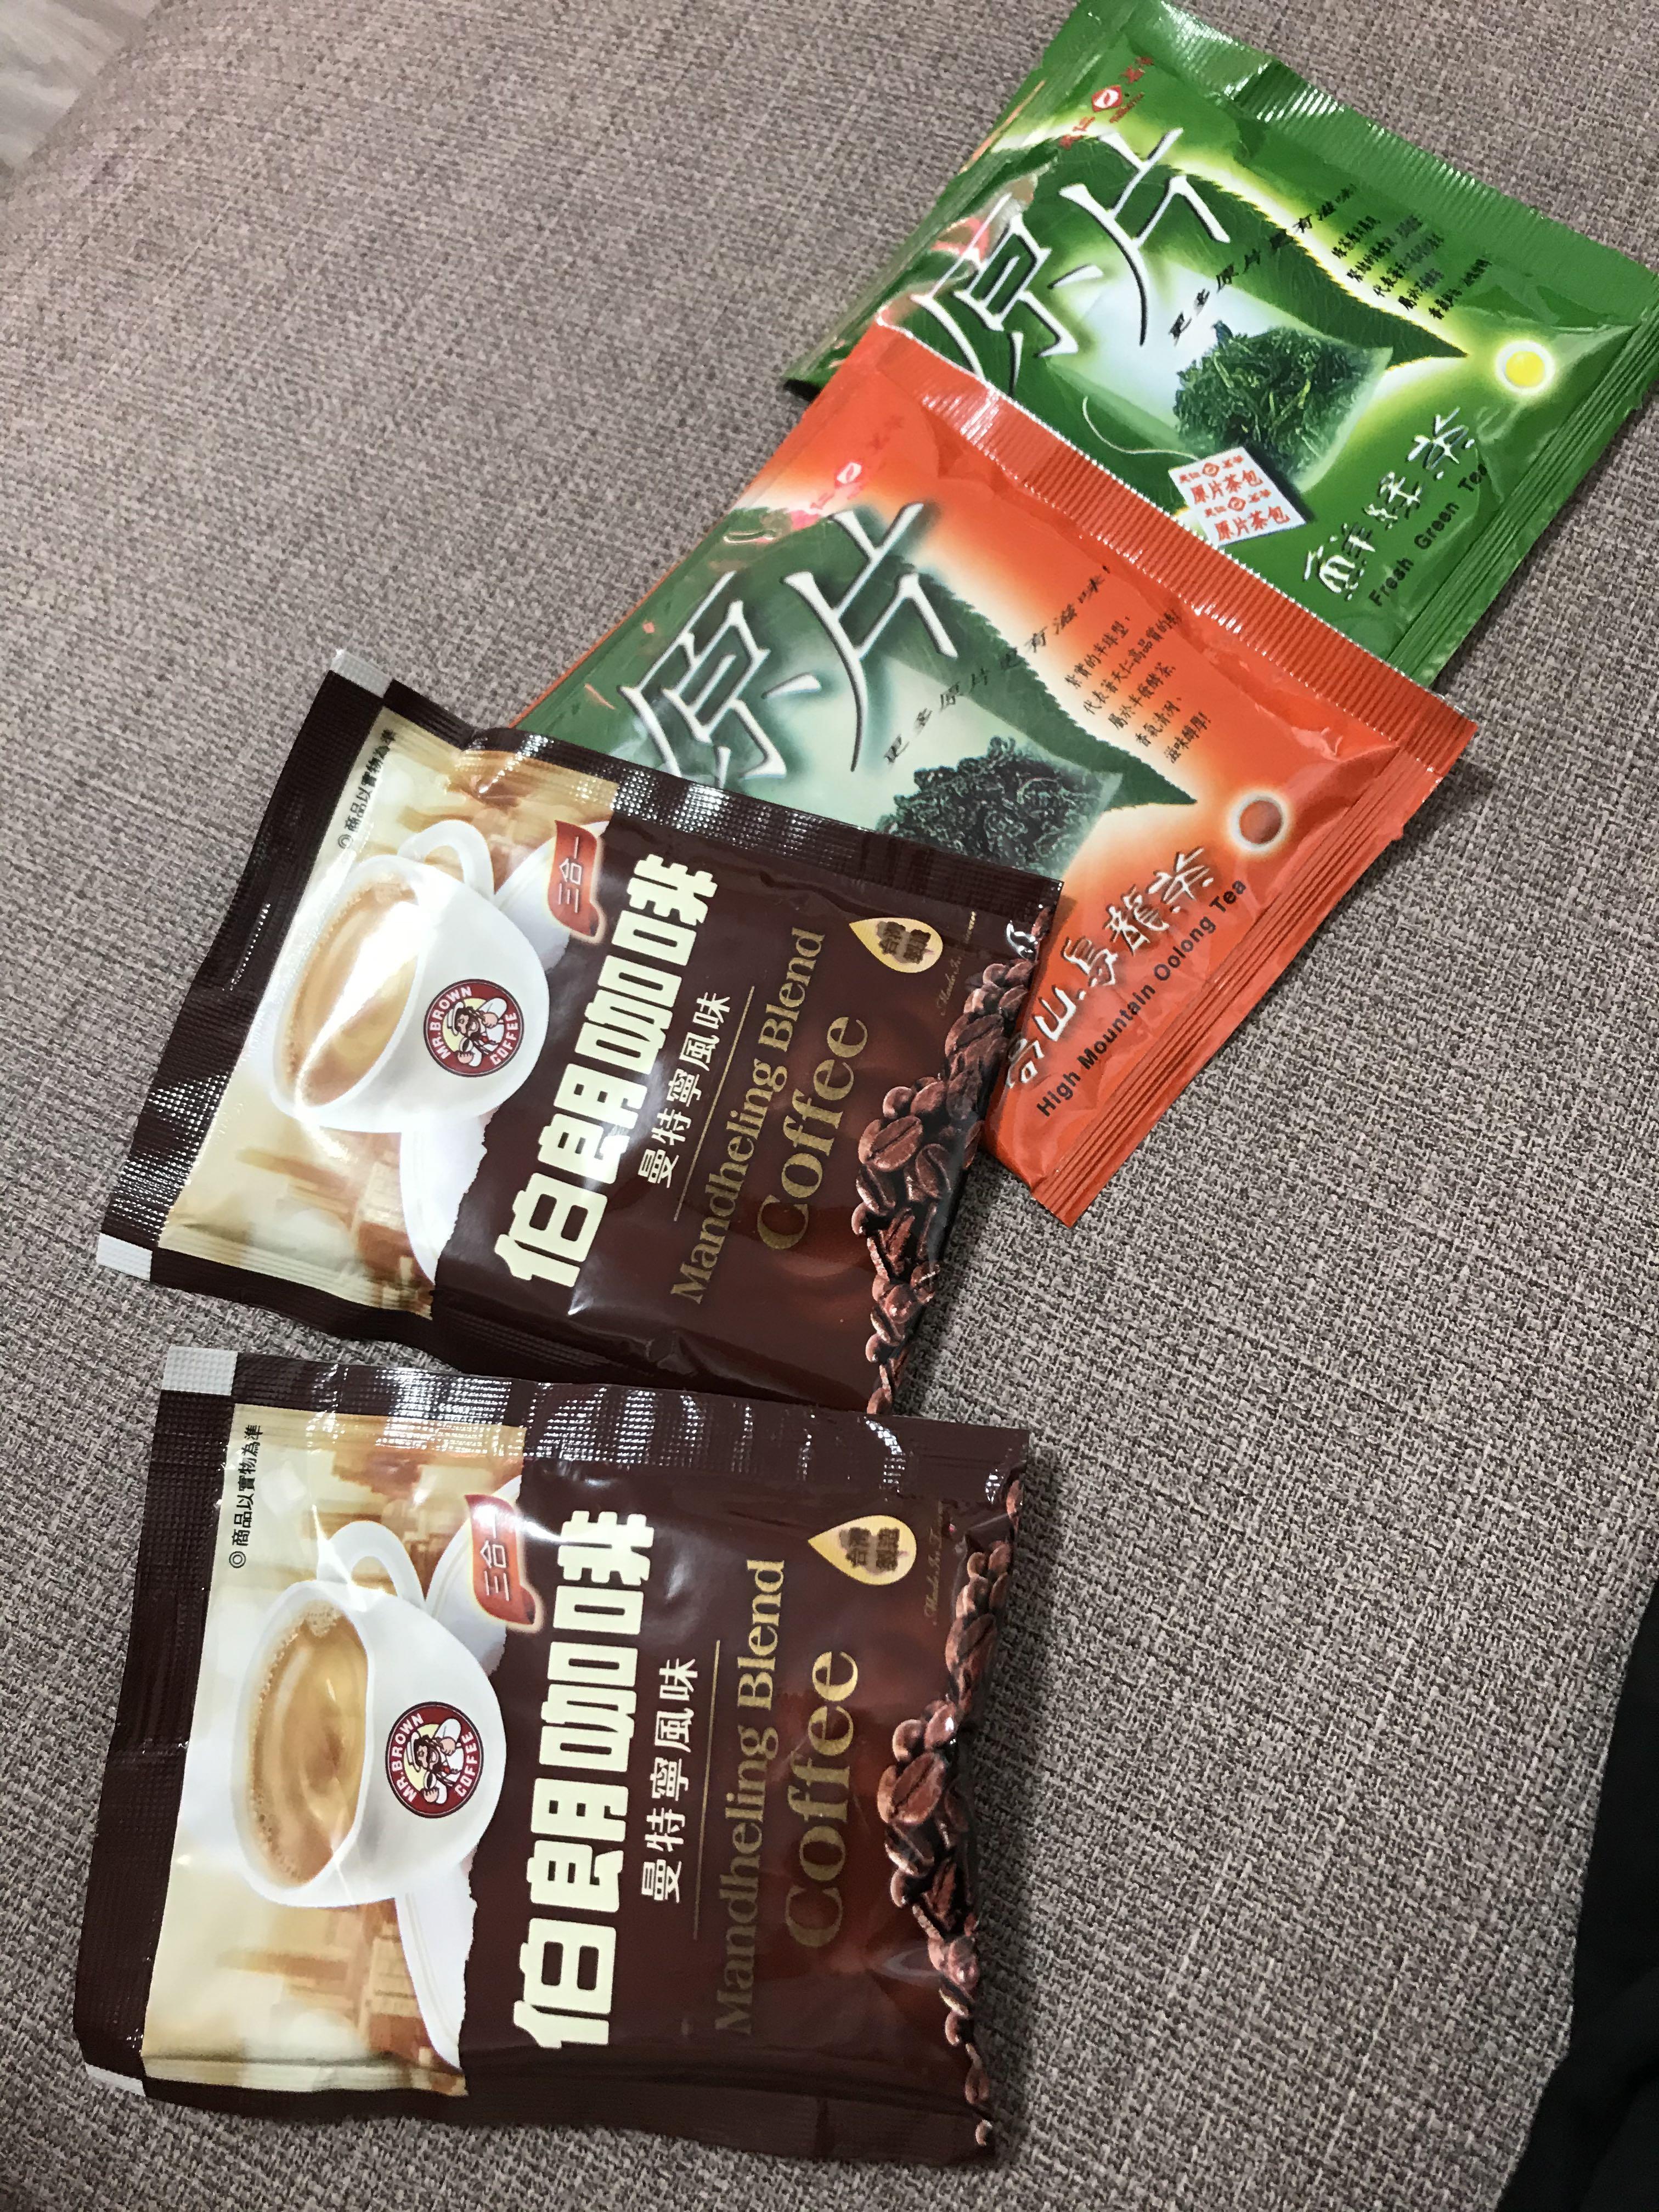 《購買衣服免費送》沖泡包曼特寧伯朗咖啡高山烏龍片原片綠茶